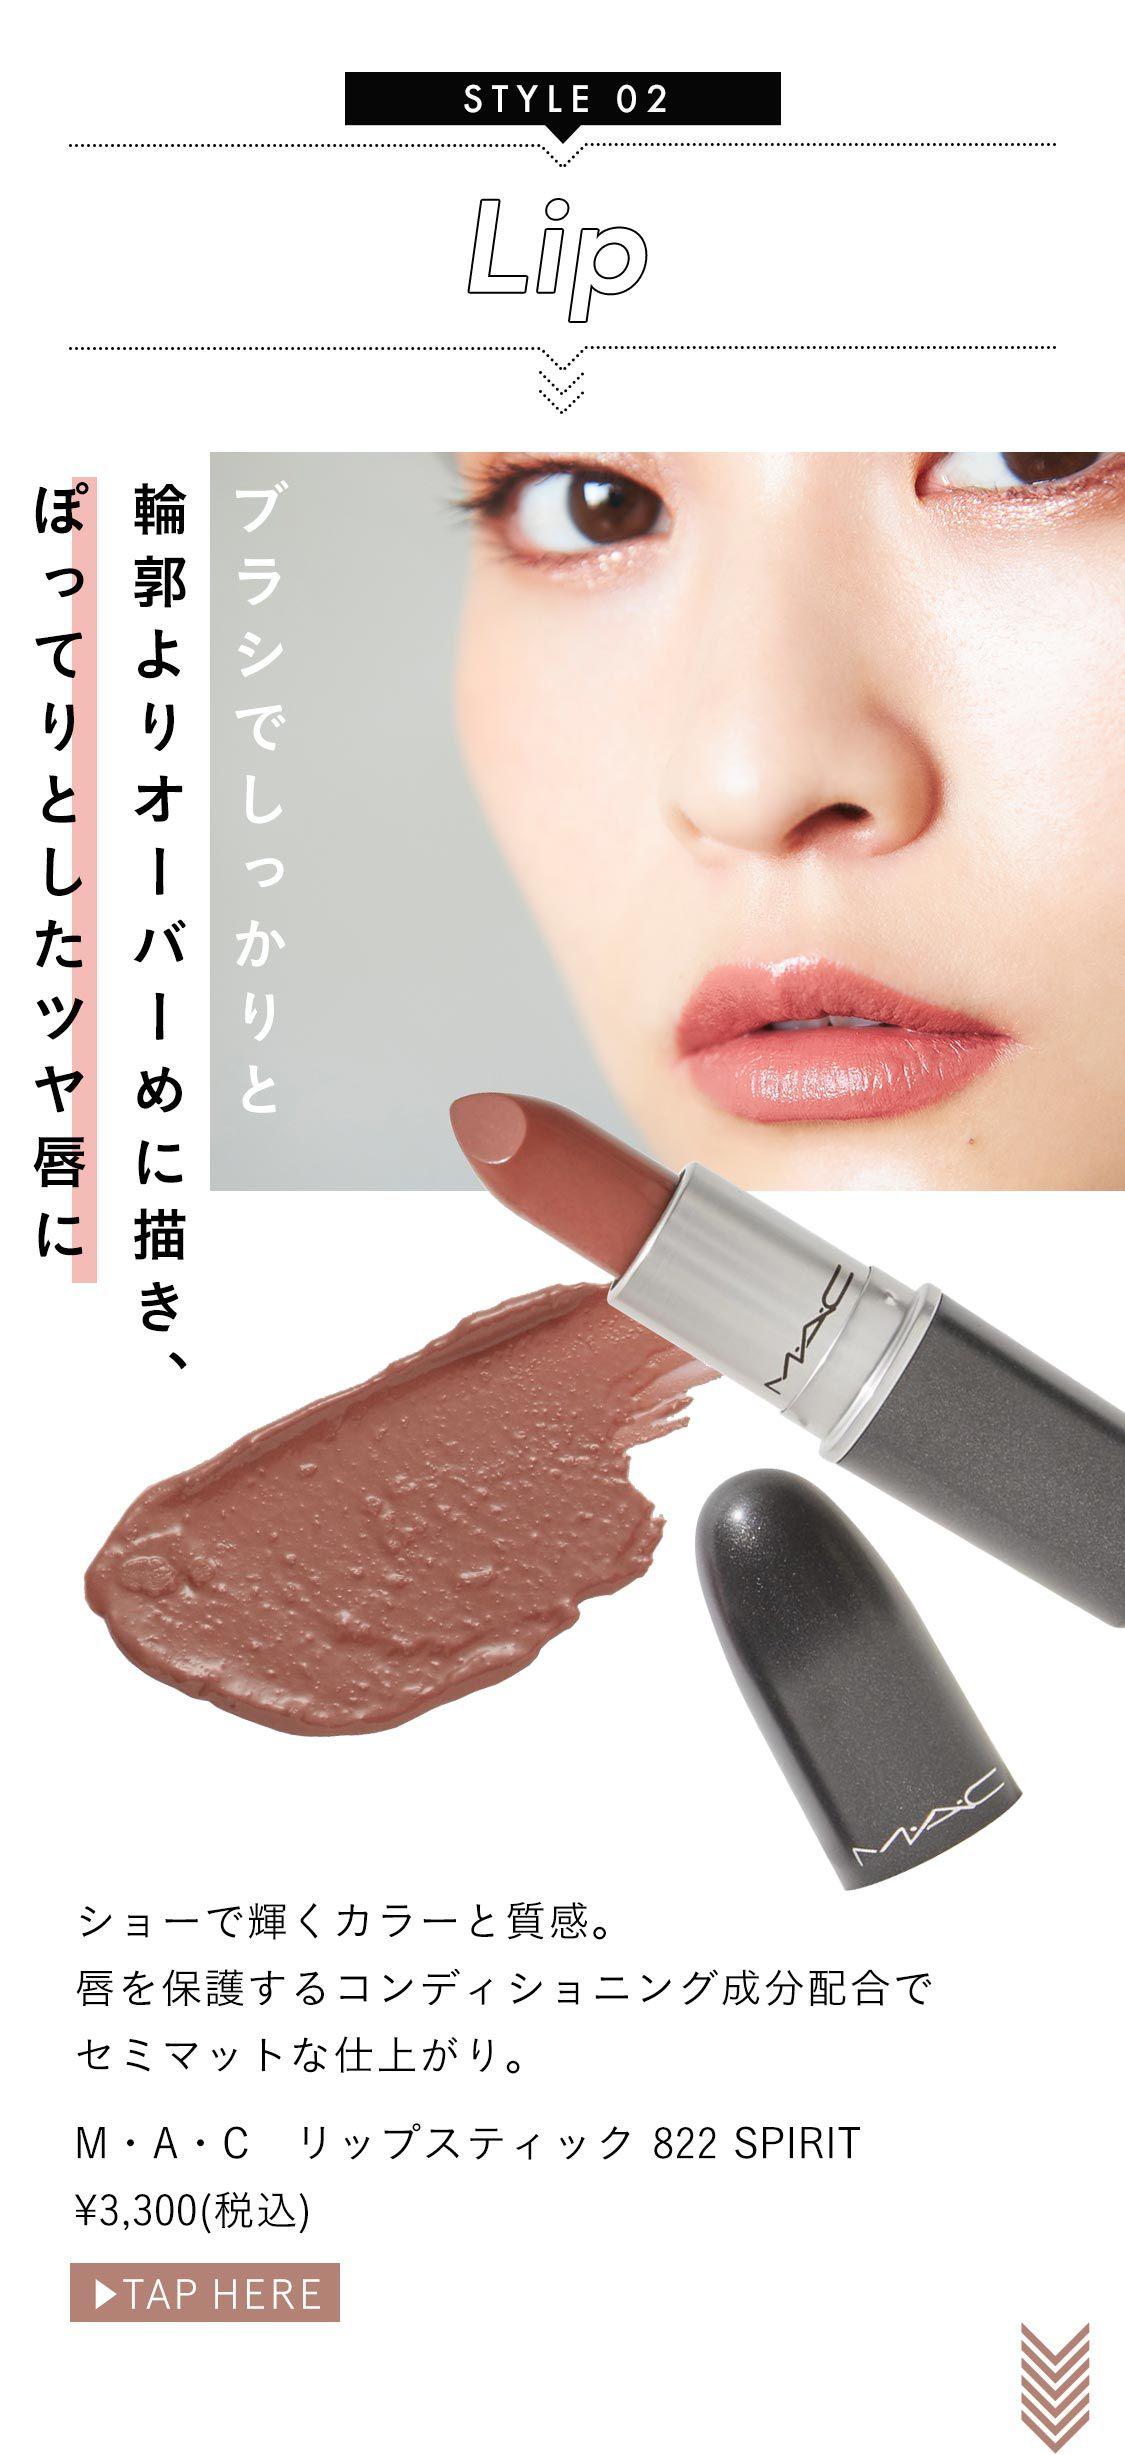 ショーで輝くカラーと質感。唇を保護するコンディショニング成分配合でセミマットな仕上がり。